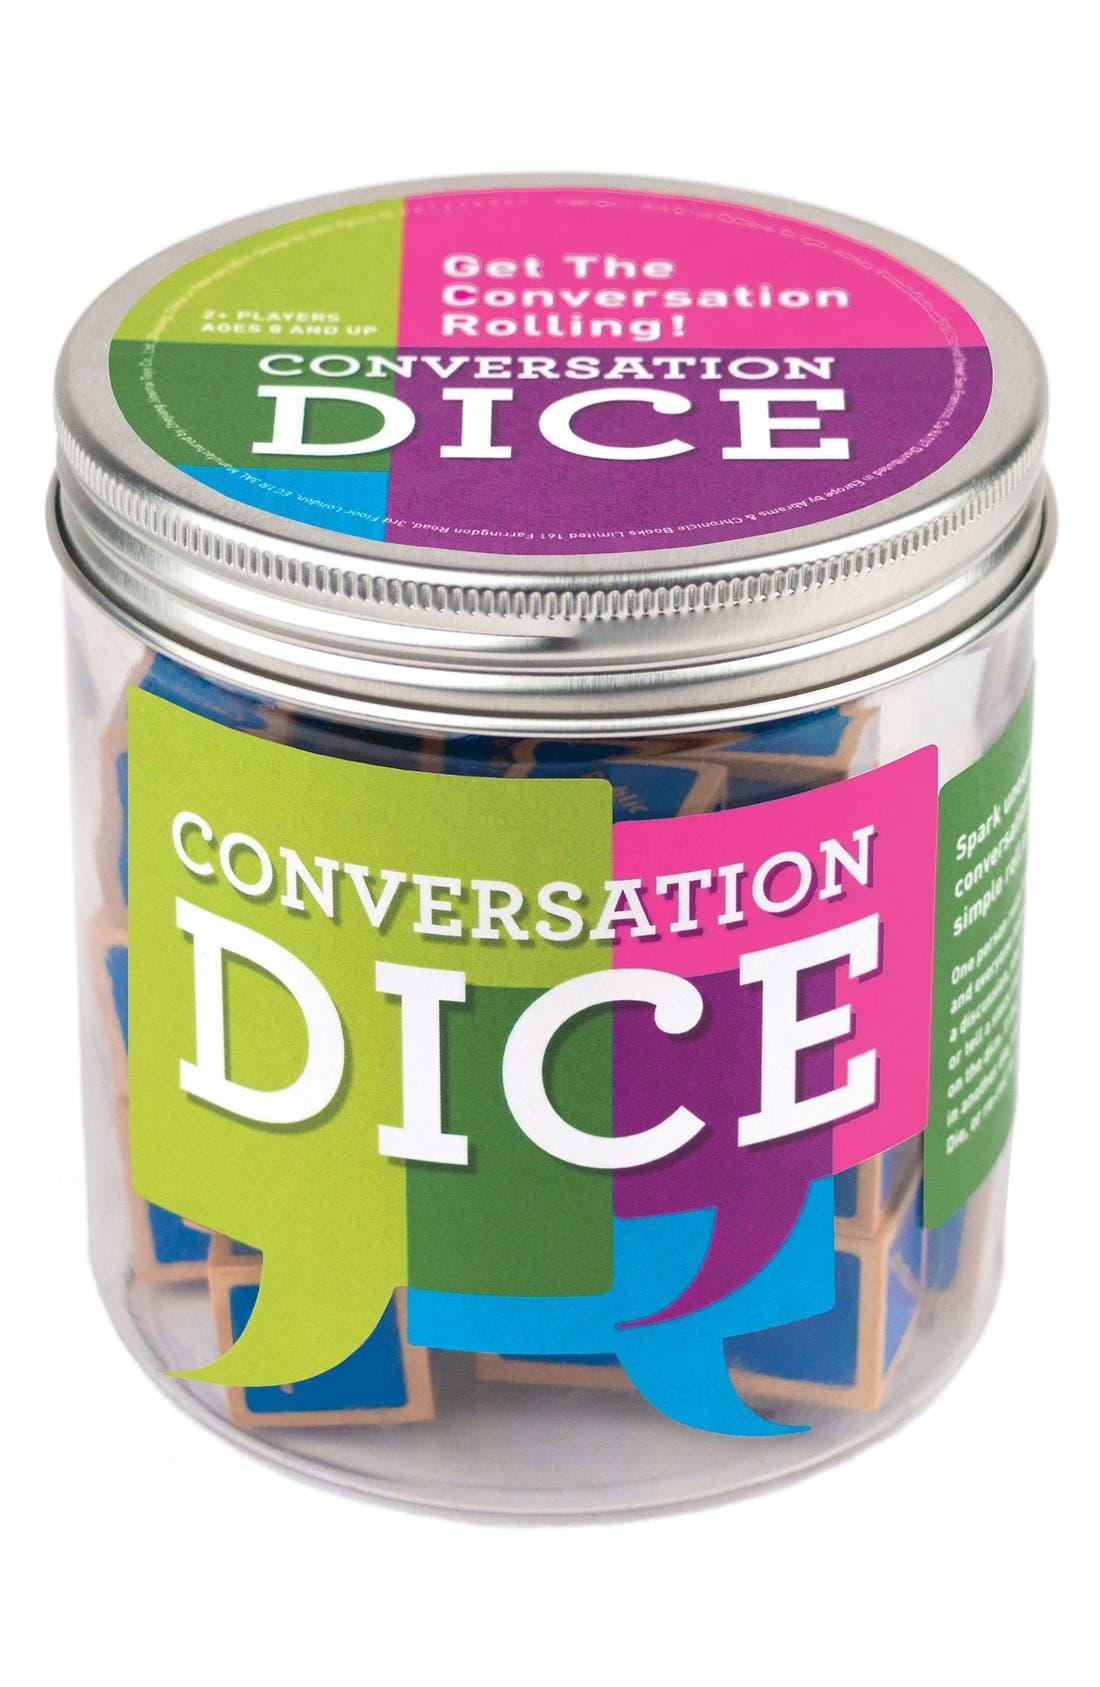 Conversation Dice,                             Main thumbnail 1, color,                             300